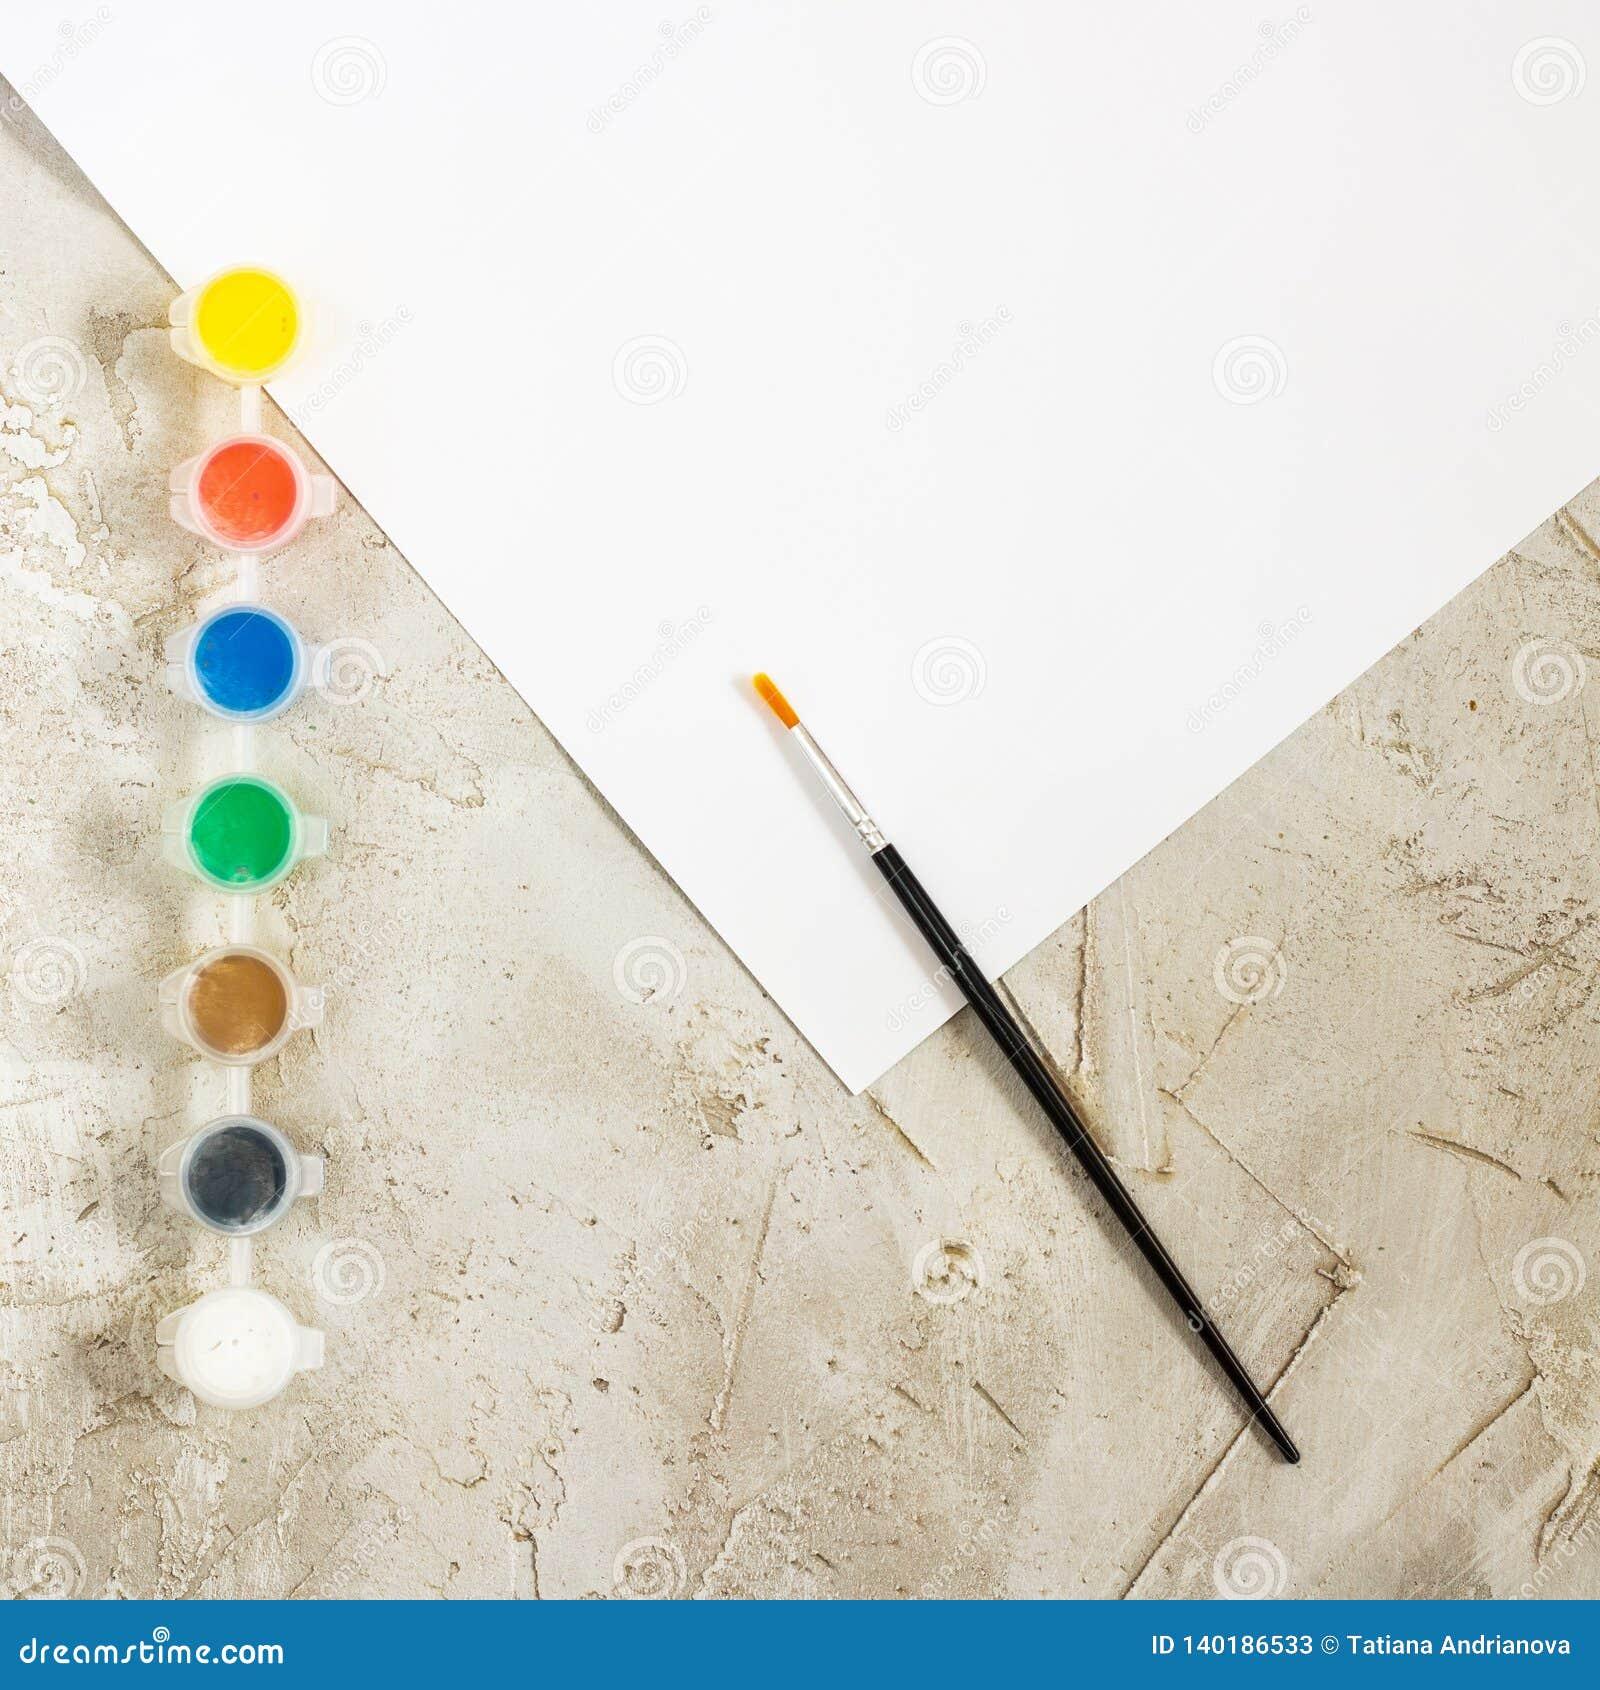 Flatlay com pinturas brilhantes, escova, e a folha de papel branca no fundo cinzento do cimento, espaço de trabalho, artista, des